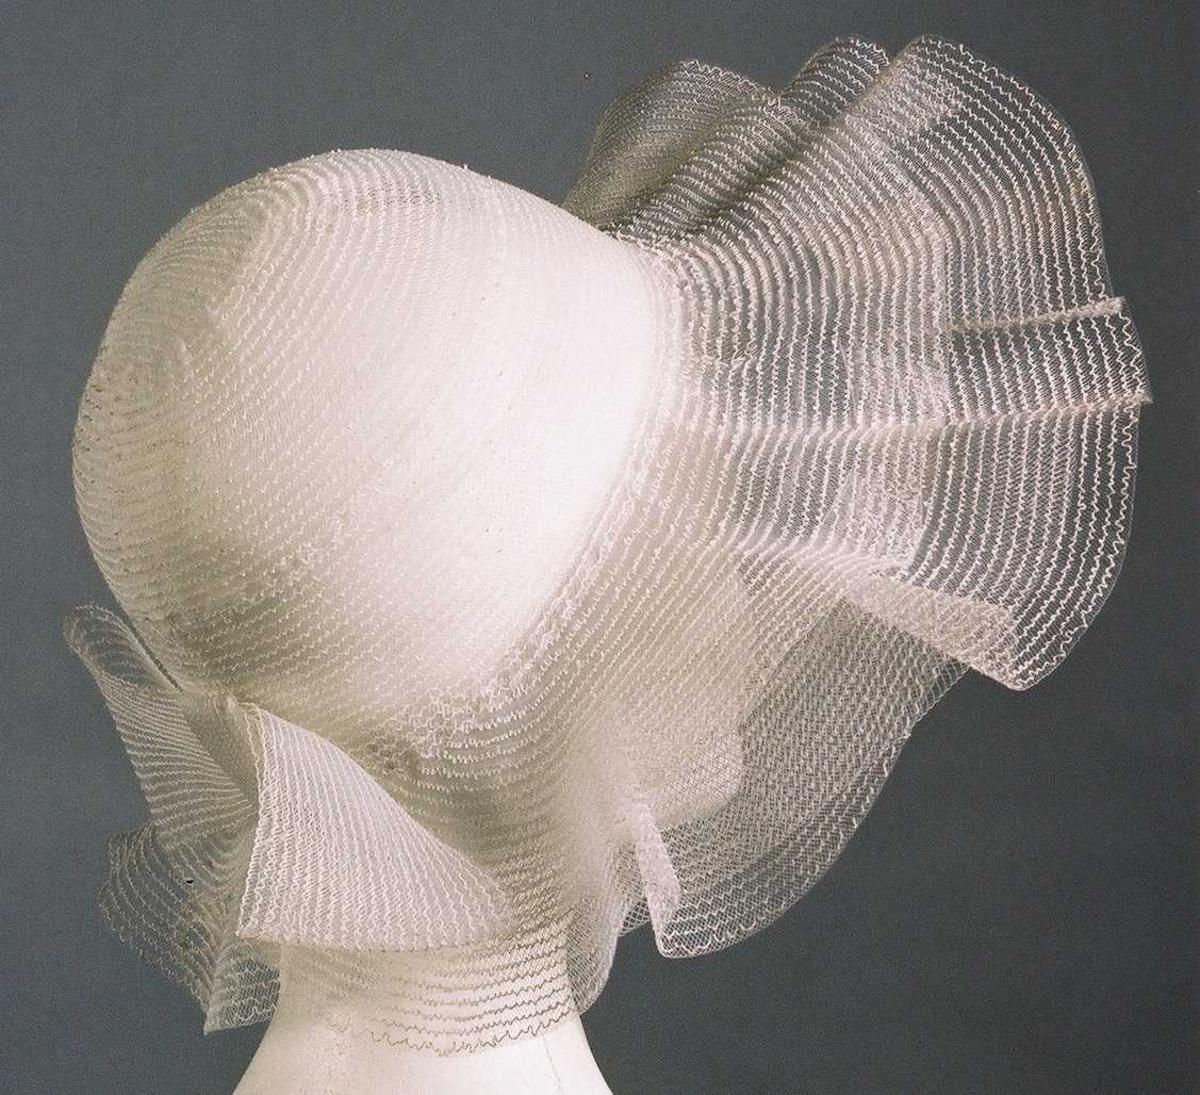 billigt för rabatt bra konsistens bra kvalitet Hatt, kvinne - Anno Domkirkeodden / DigitaltMuseum